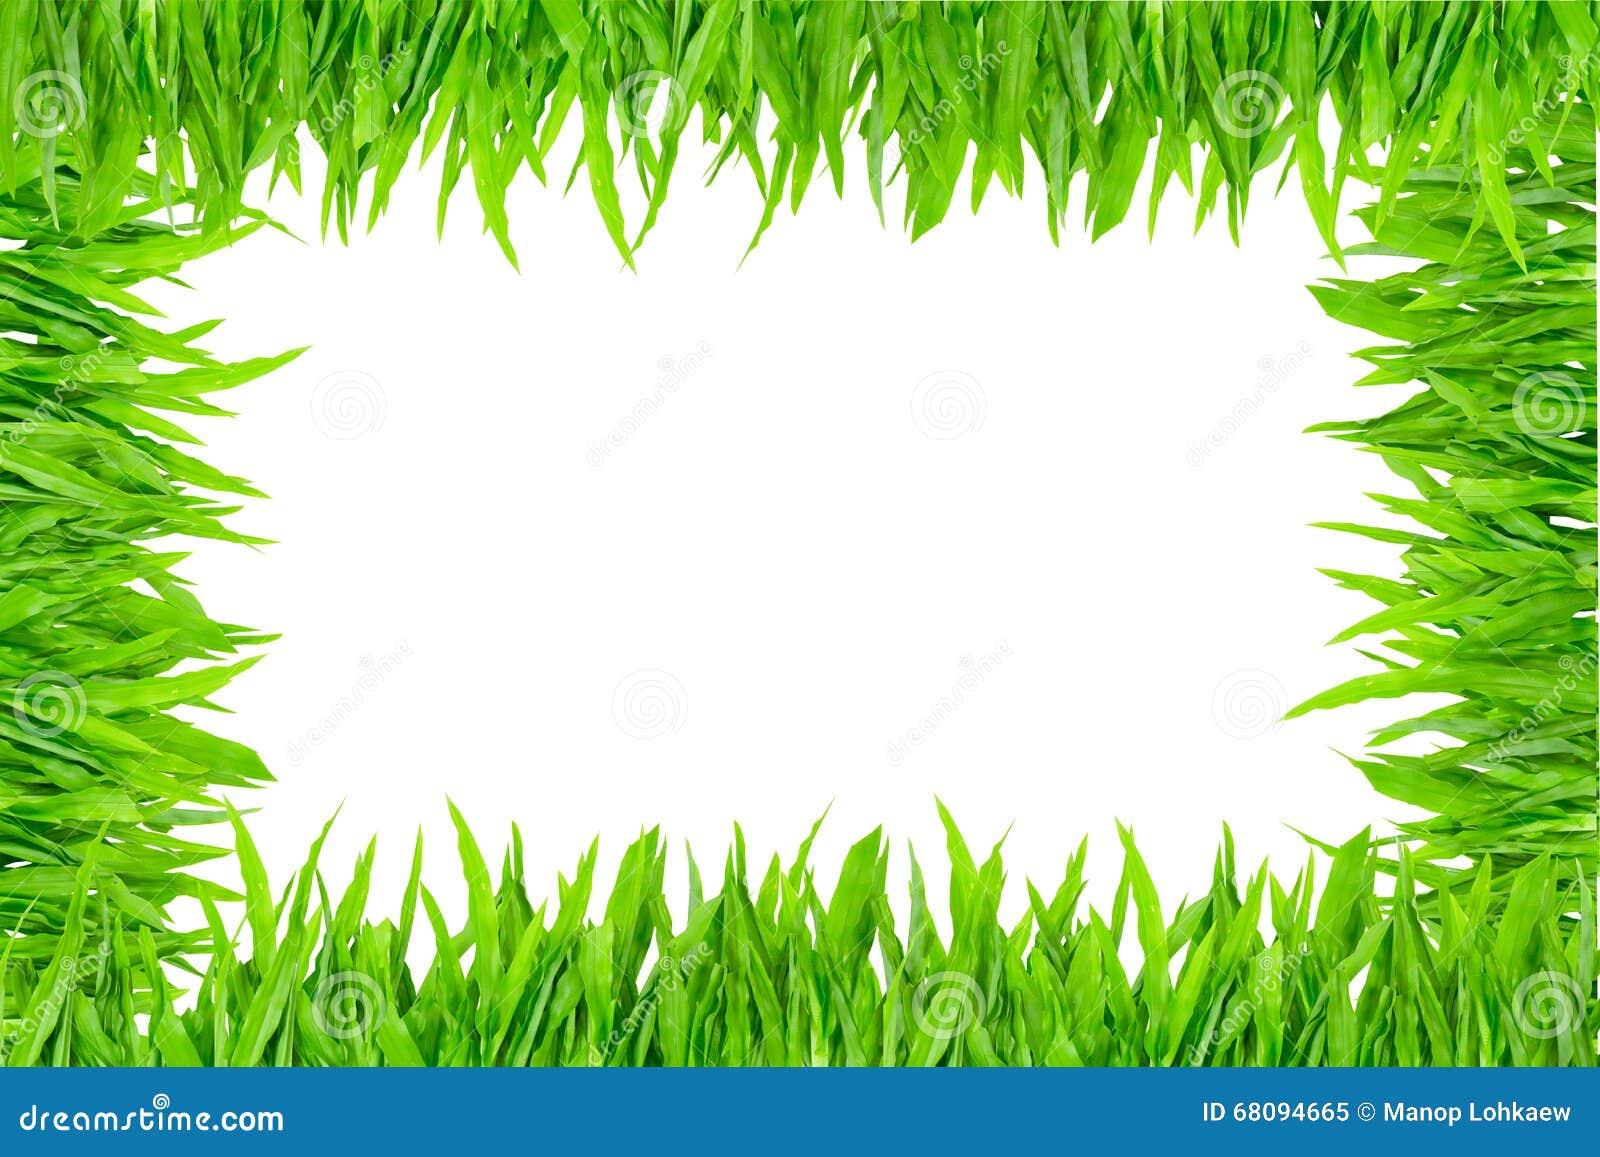 Frame da grama verde no fundo branco